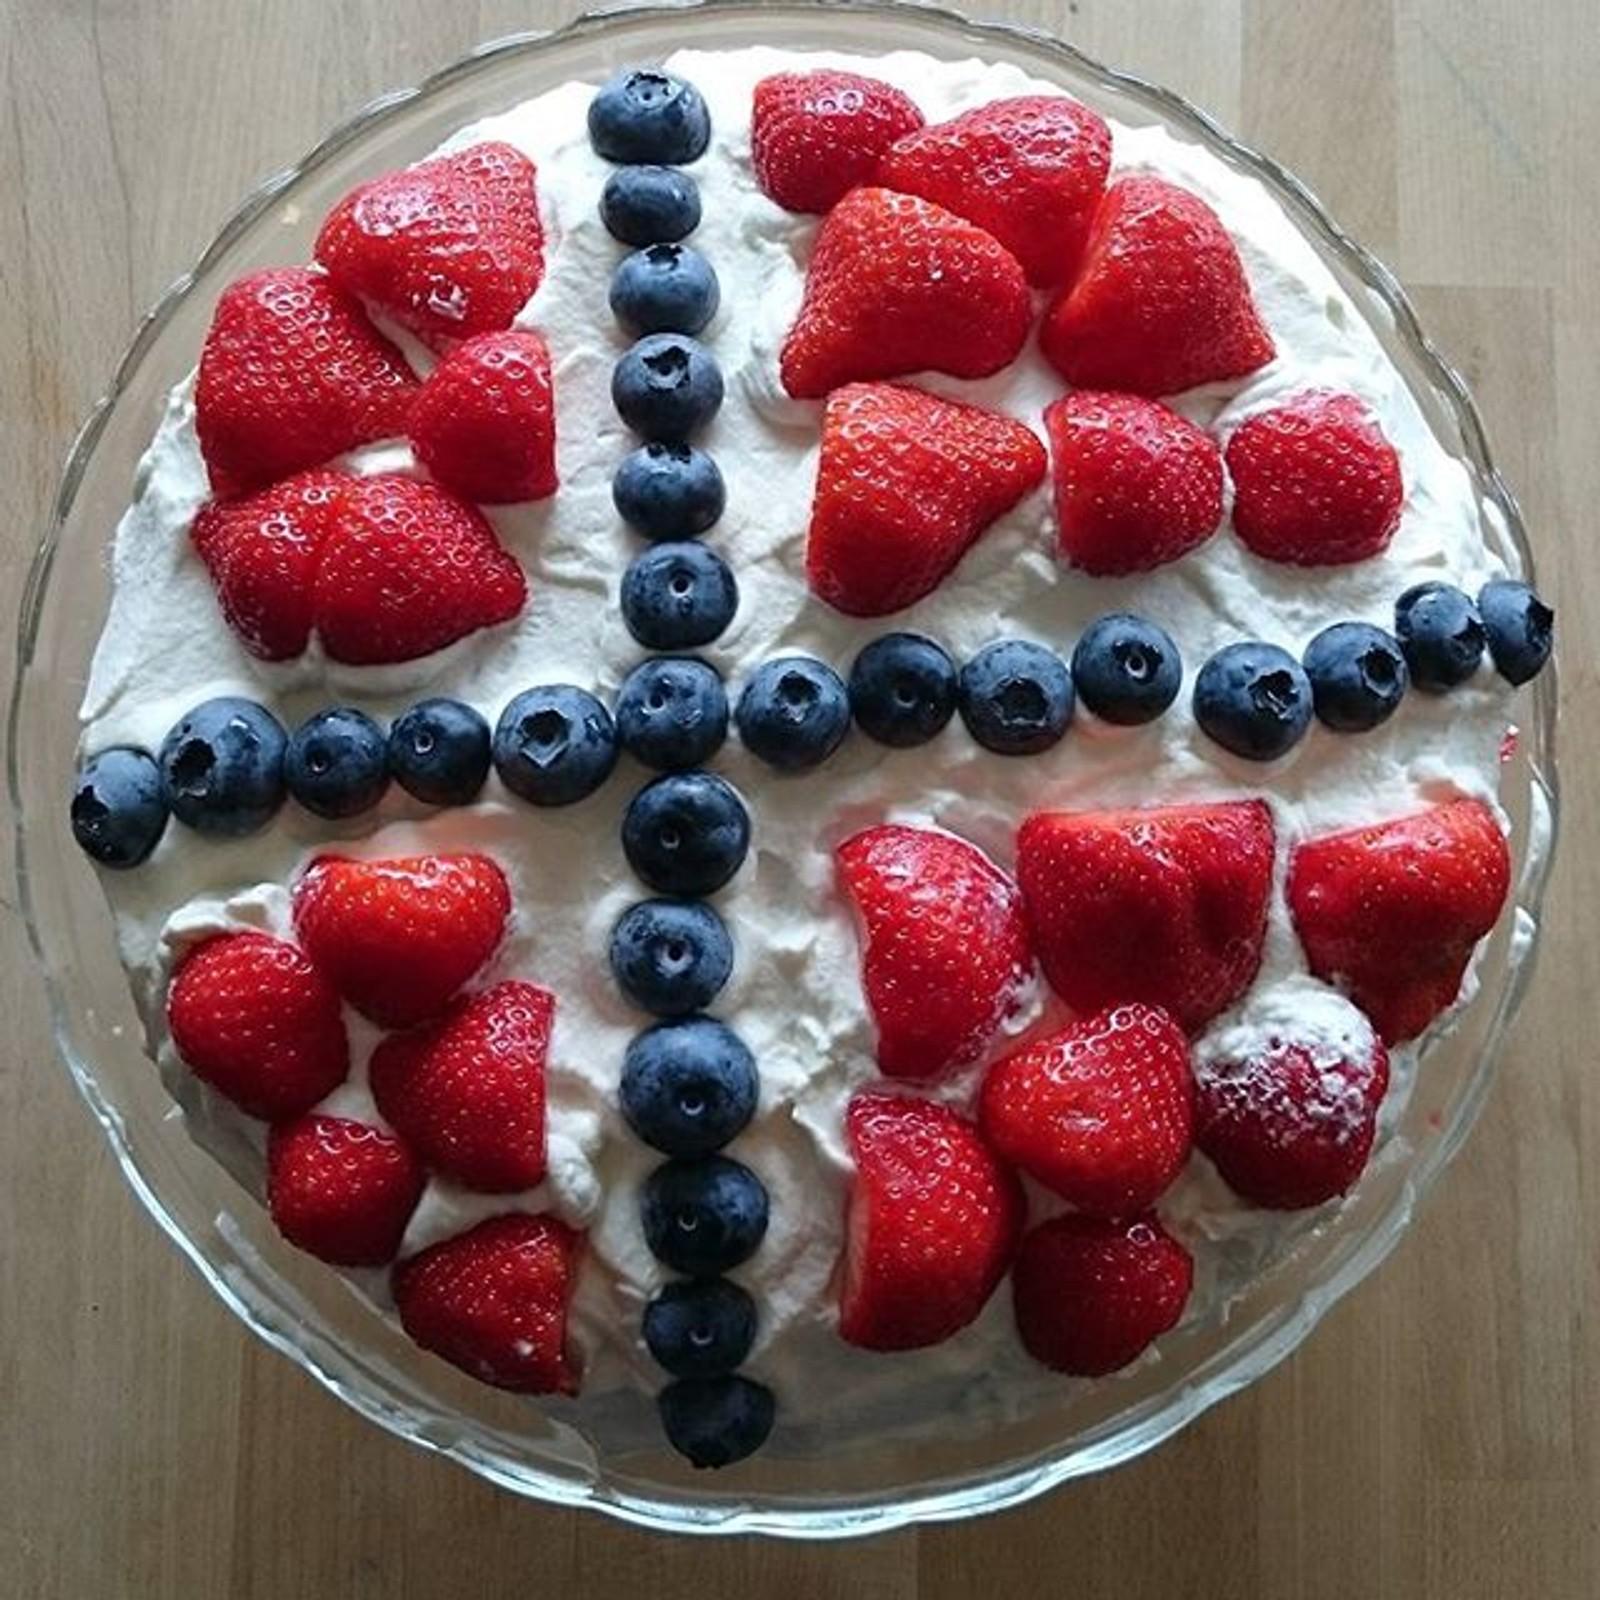 Norges flagg av blåbær og jordbær. Denne kaken skal nytes i Lyngdal.  Takk til #Lisechi for deling!